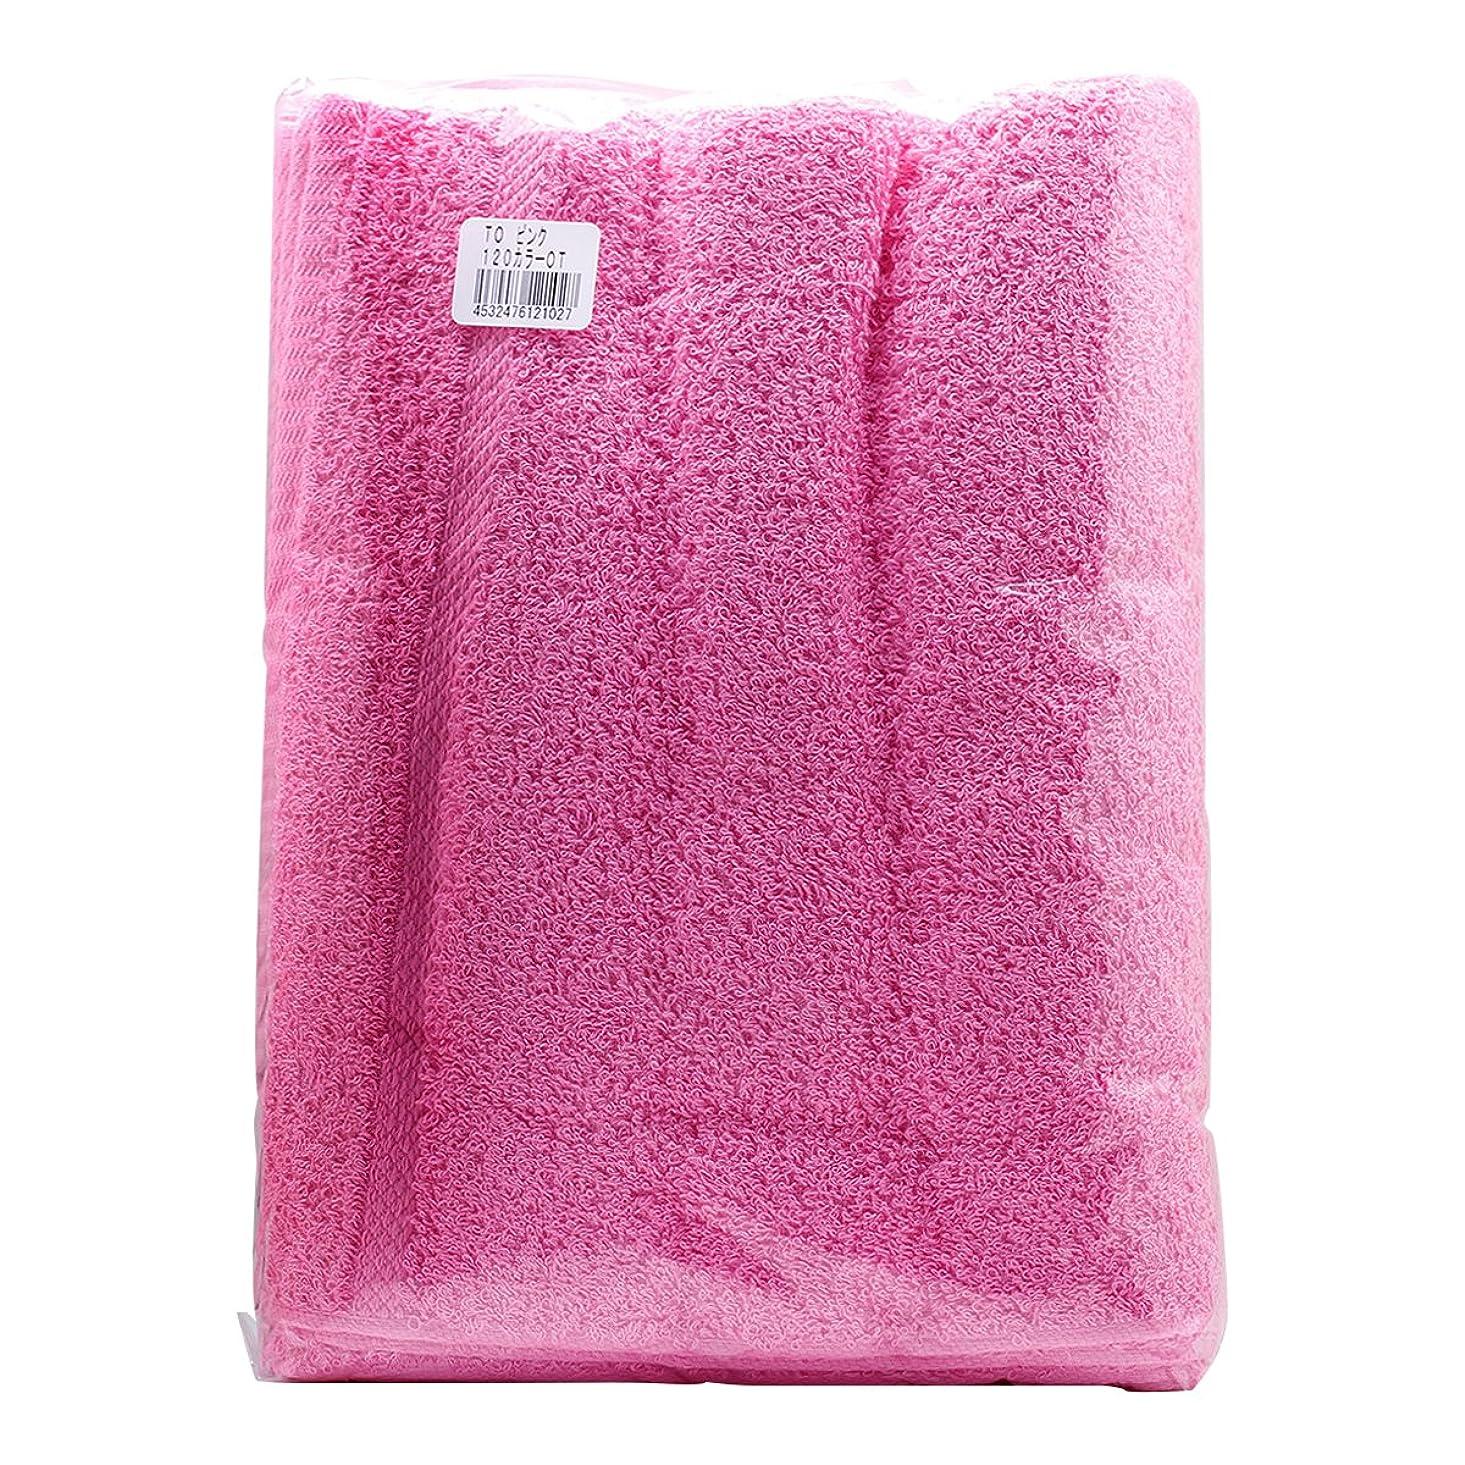 生産的パリティクロールTO カラーおしぼり 120匁 (12枚入) ピンク